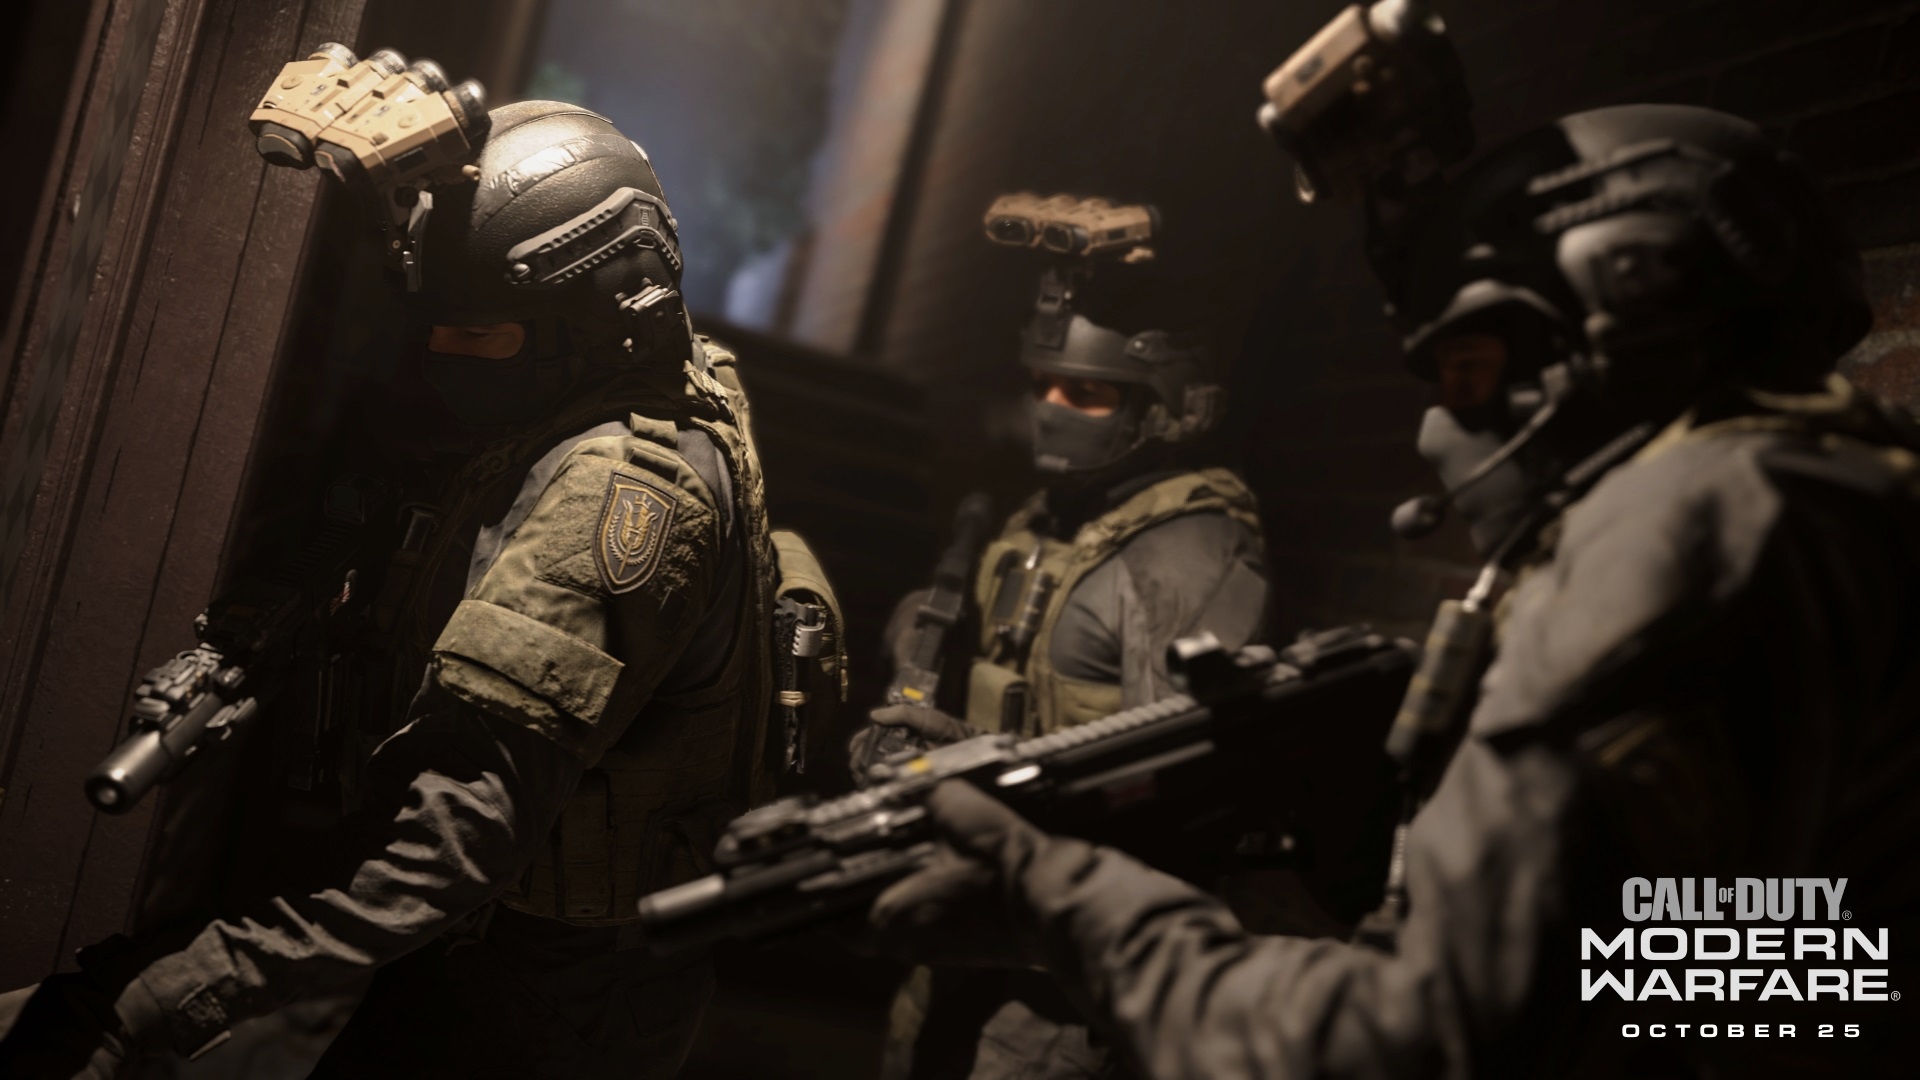 تریلر جدیدی از بازی Call of Duty: Modern Warfare منتشر شد